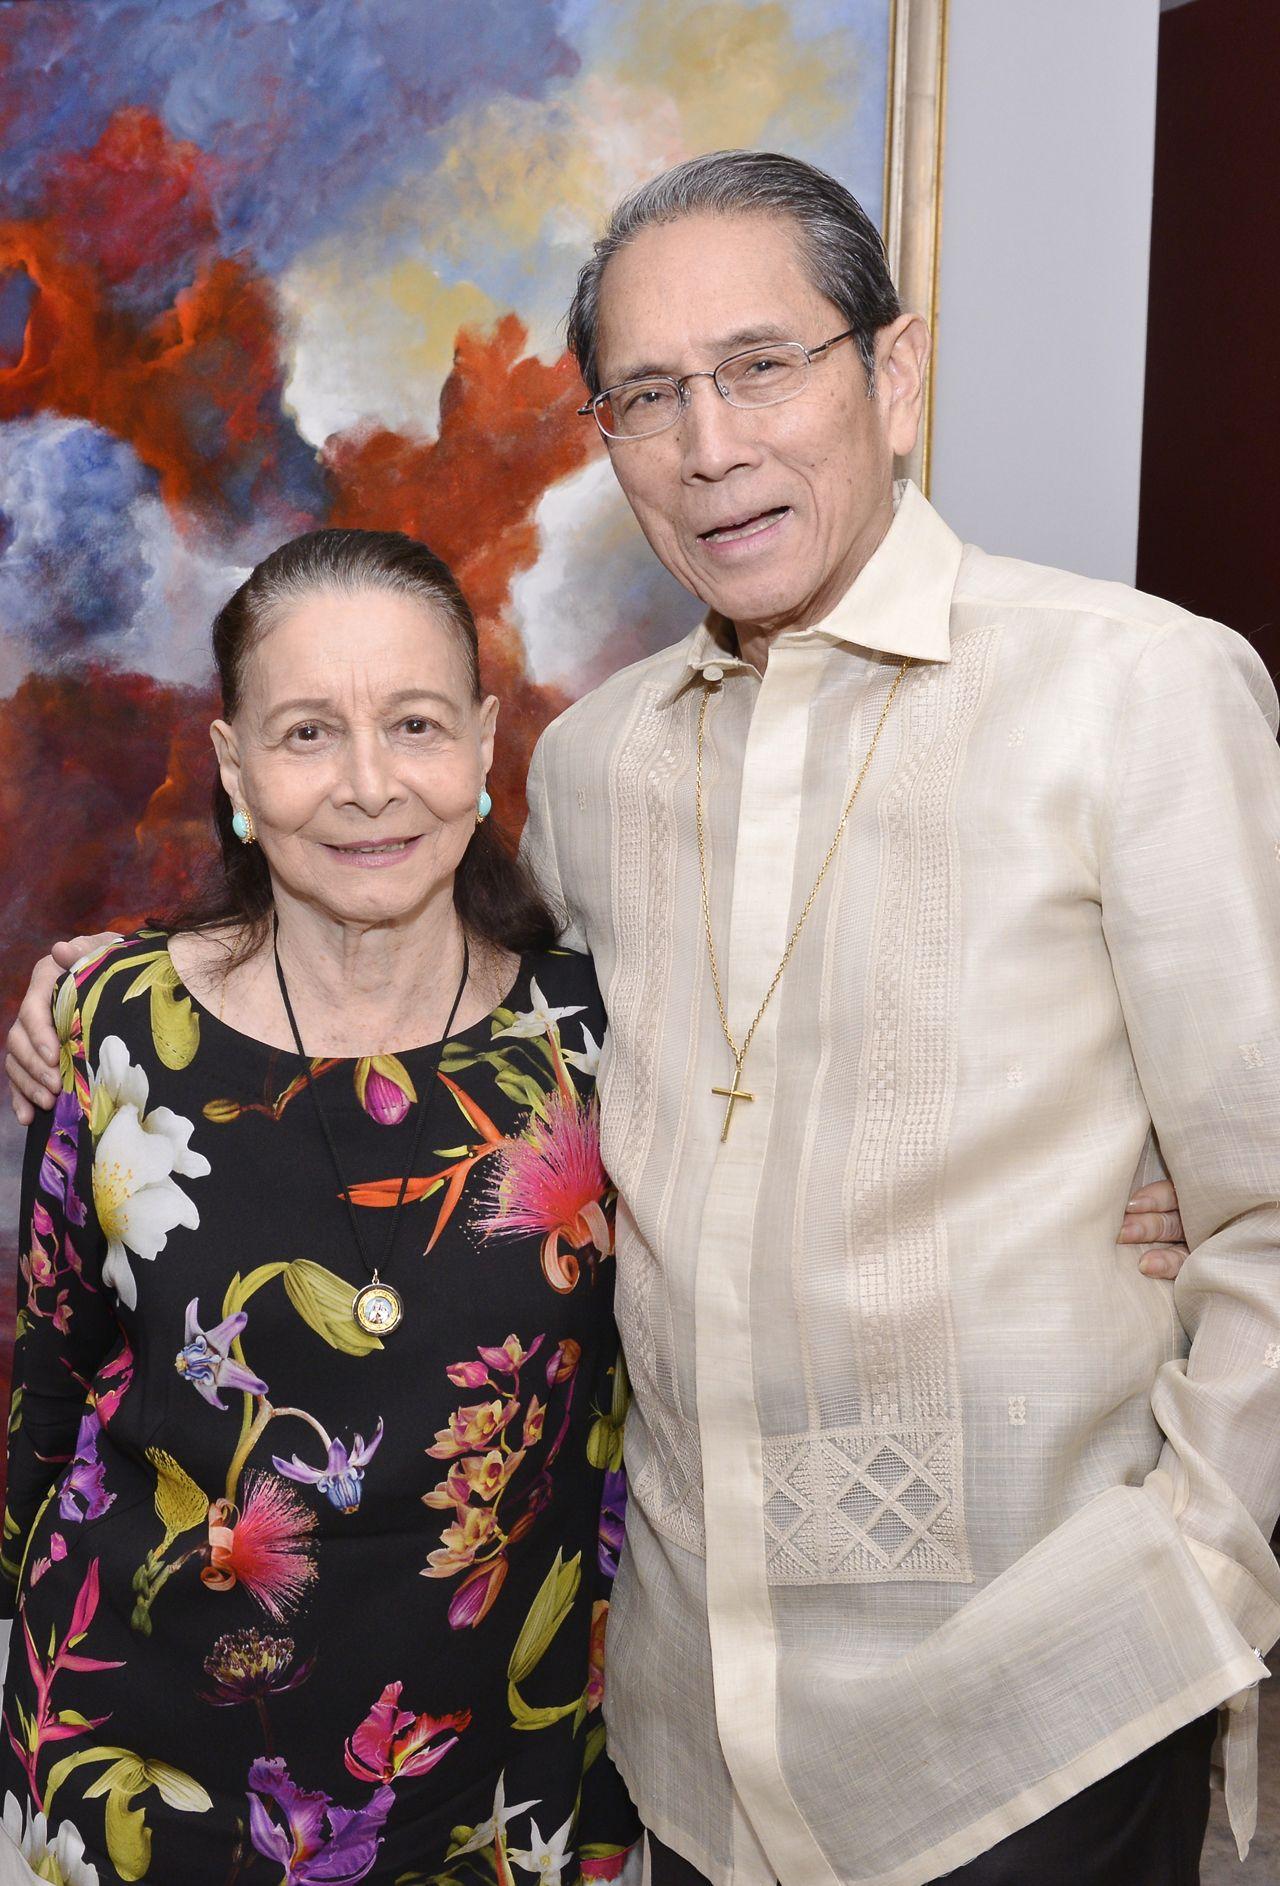 Amb. Mercy Tuason and Jorge Araneta